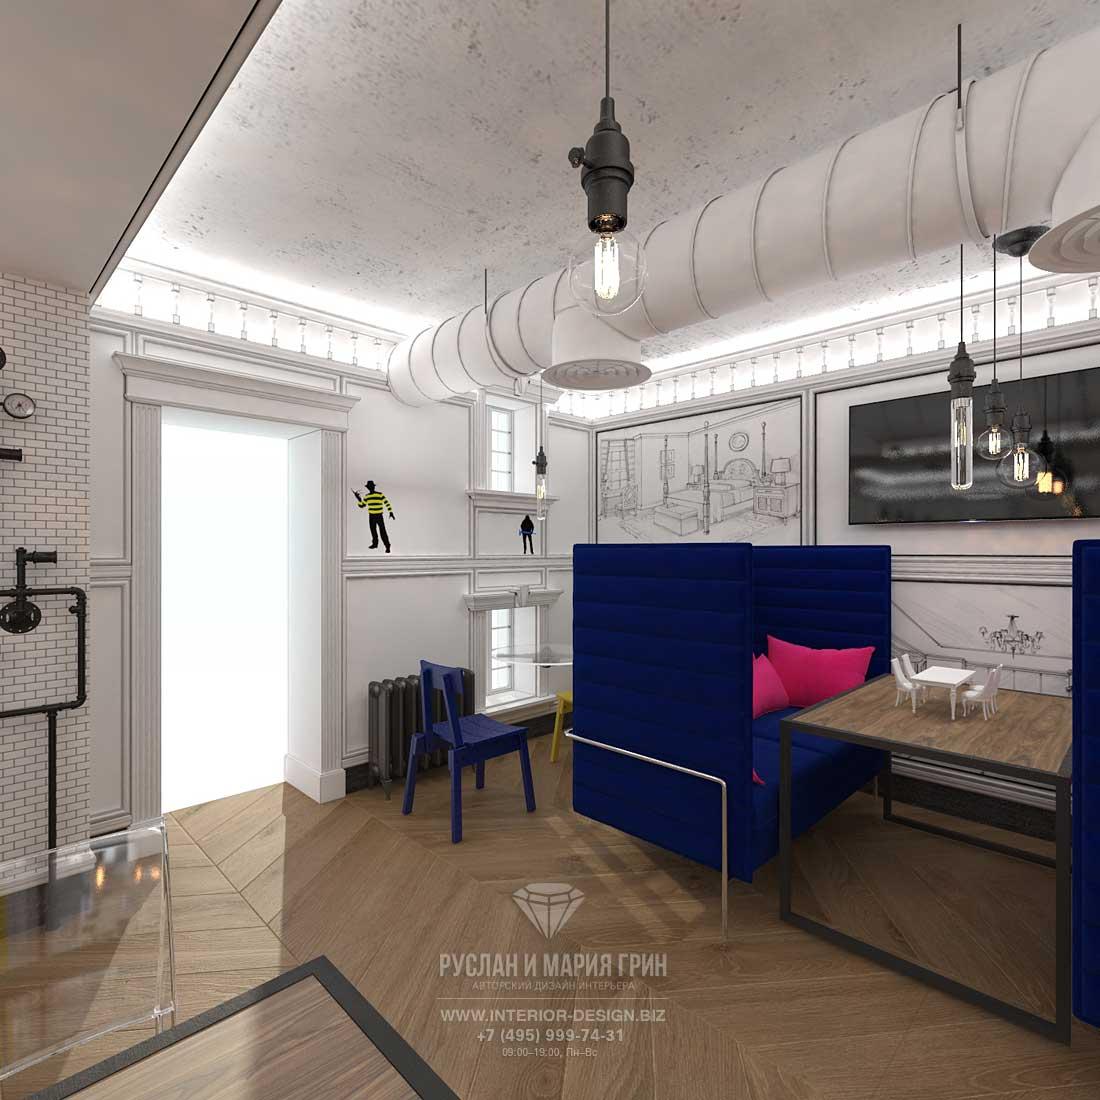 Проект интерьера бара «Киану» в Москве на Патриарших прудах